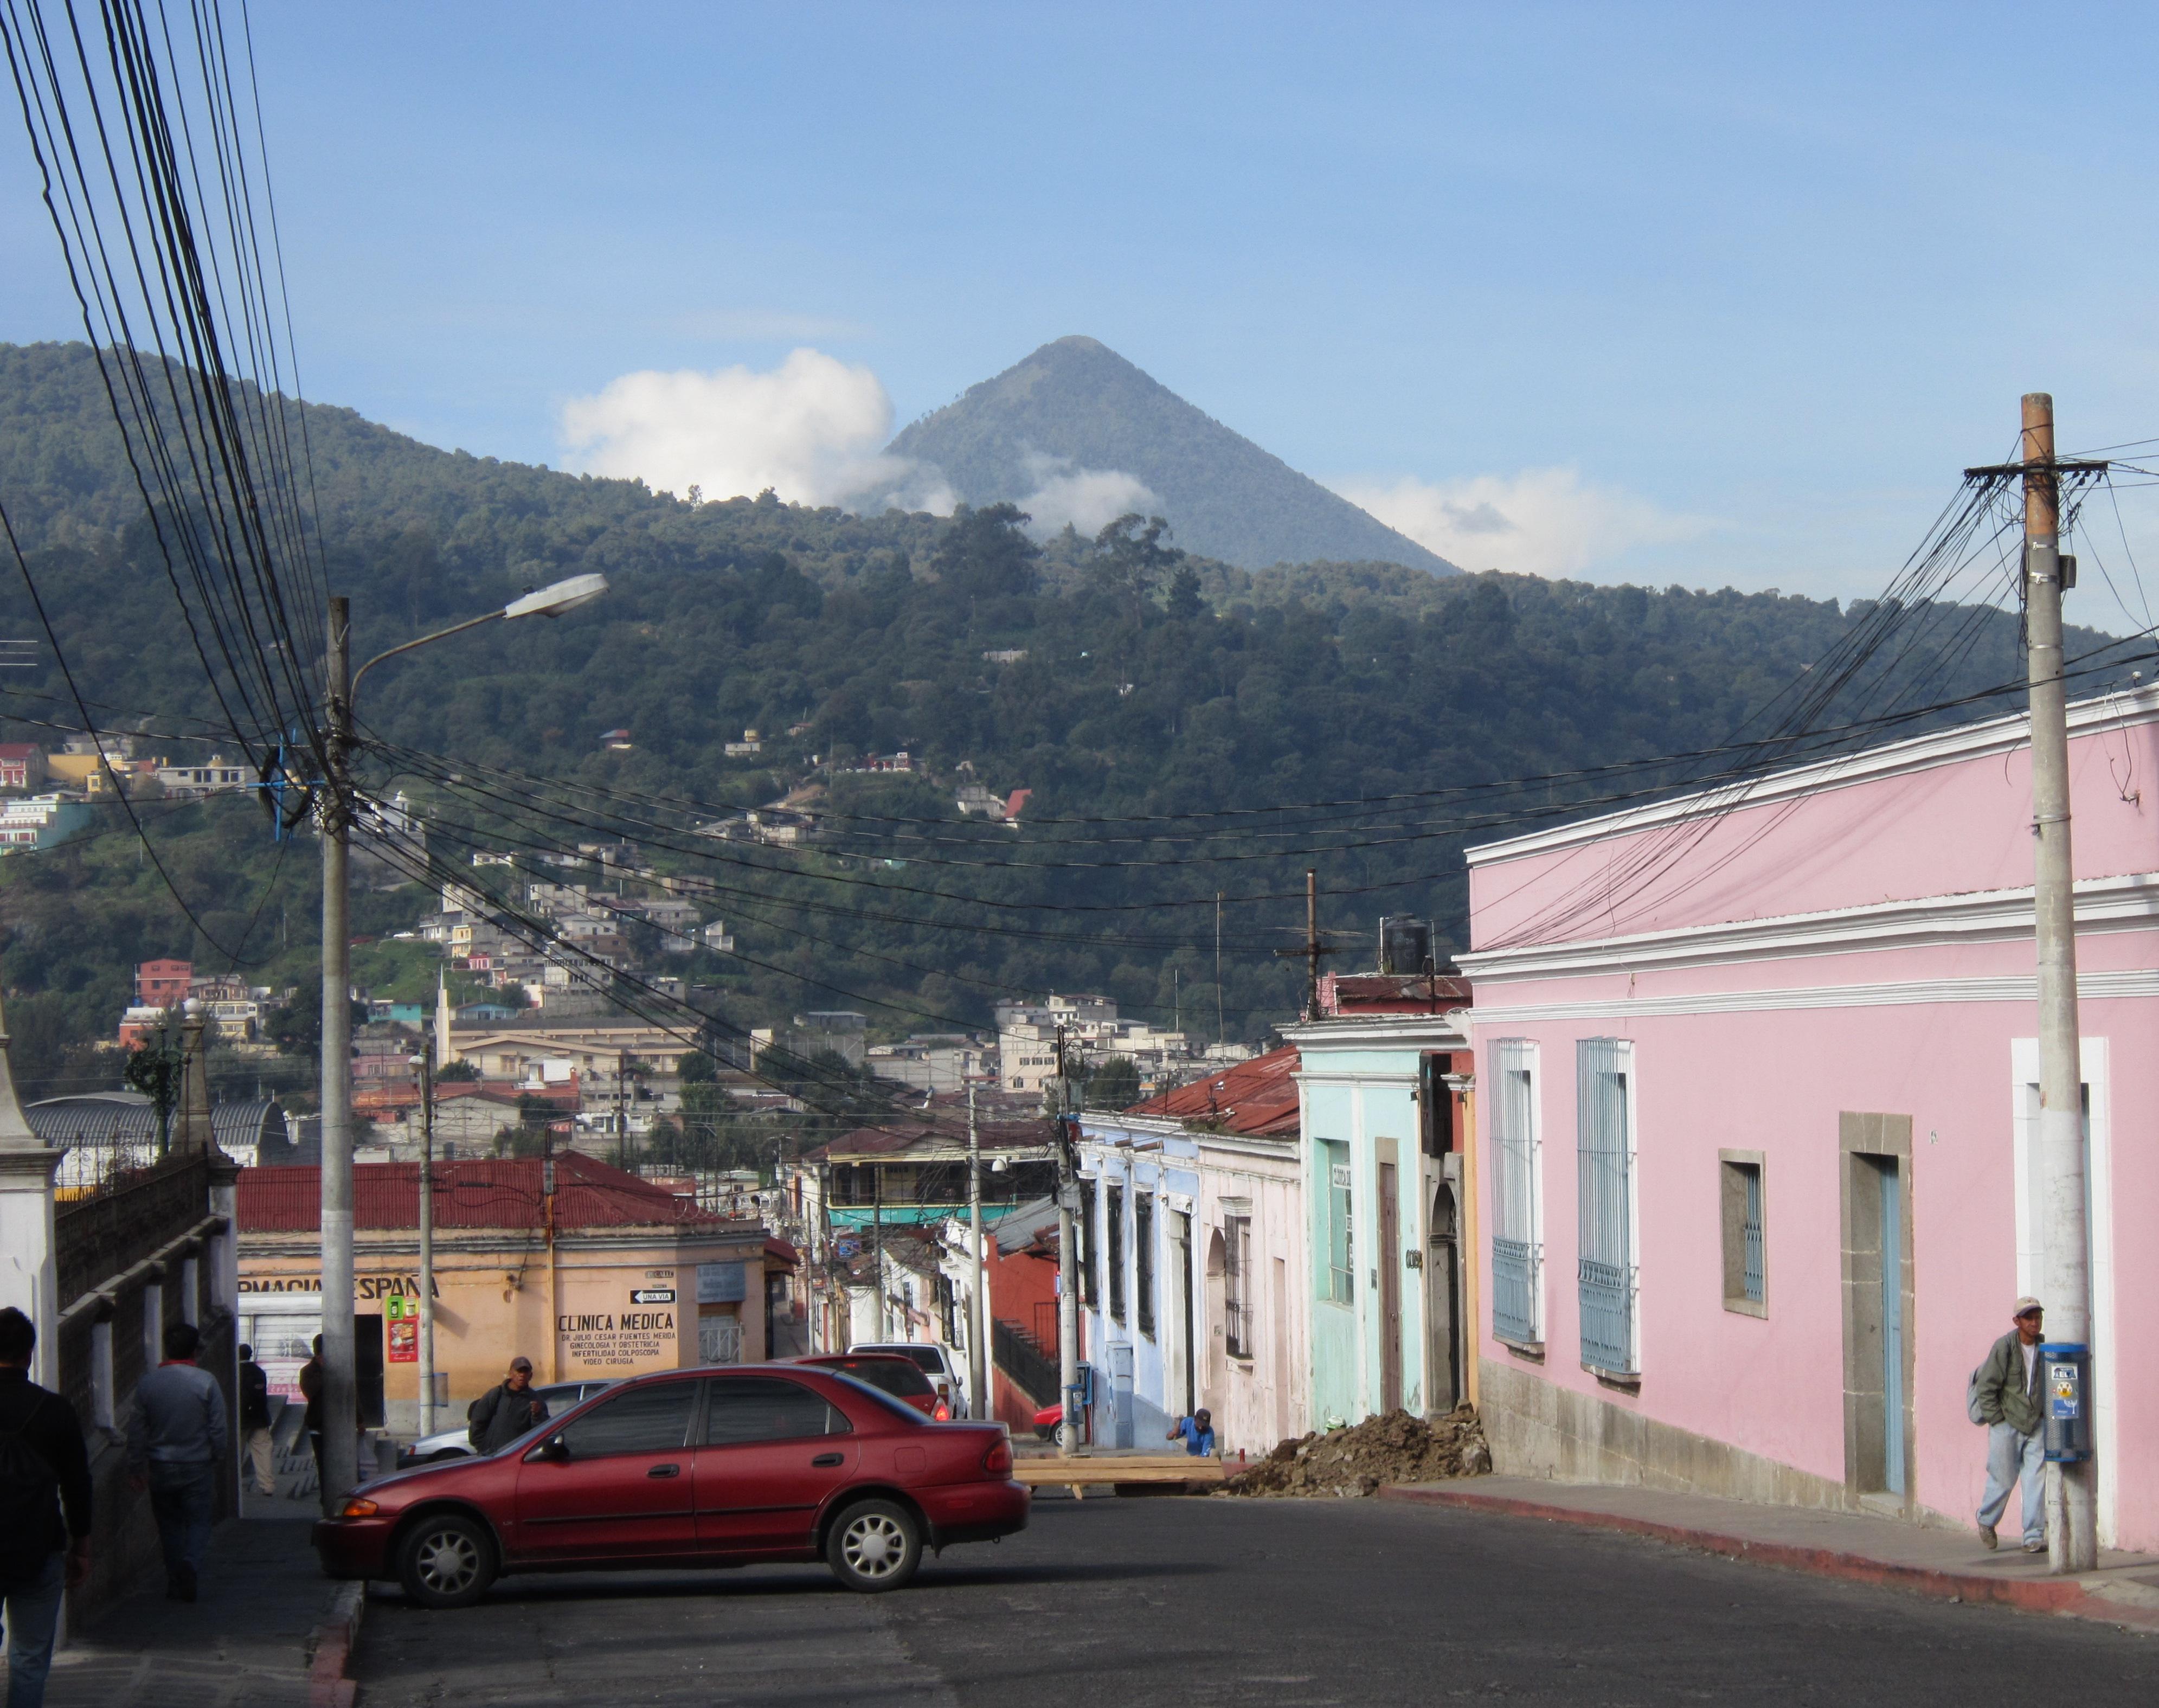 Sex guide in Quetzaltenango